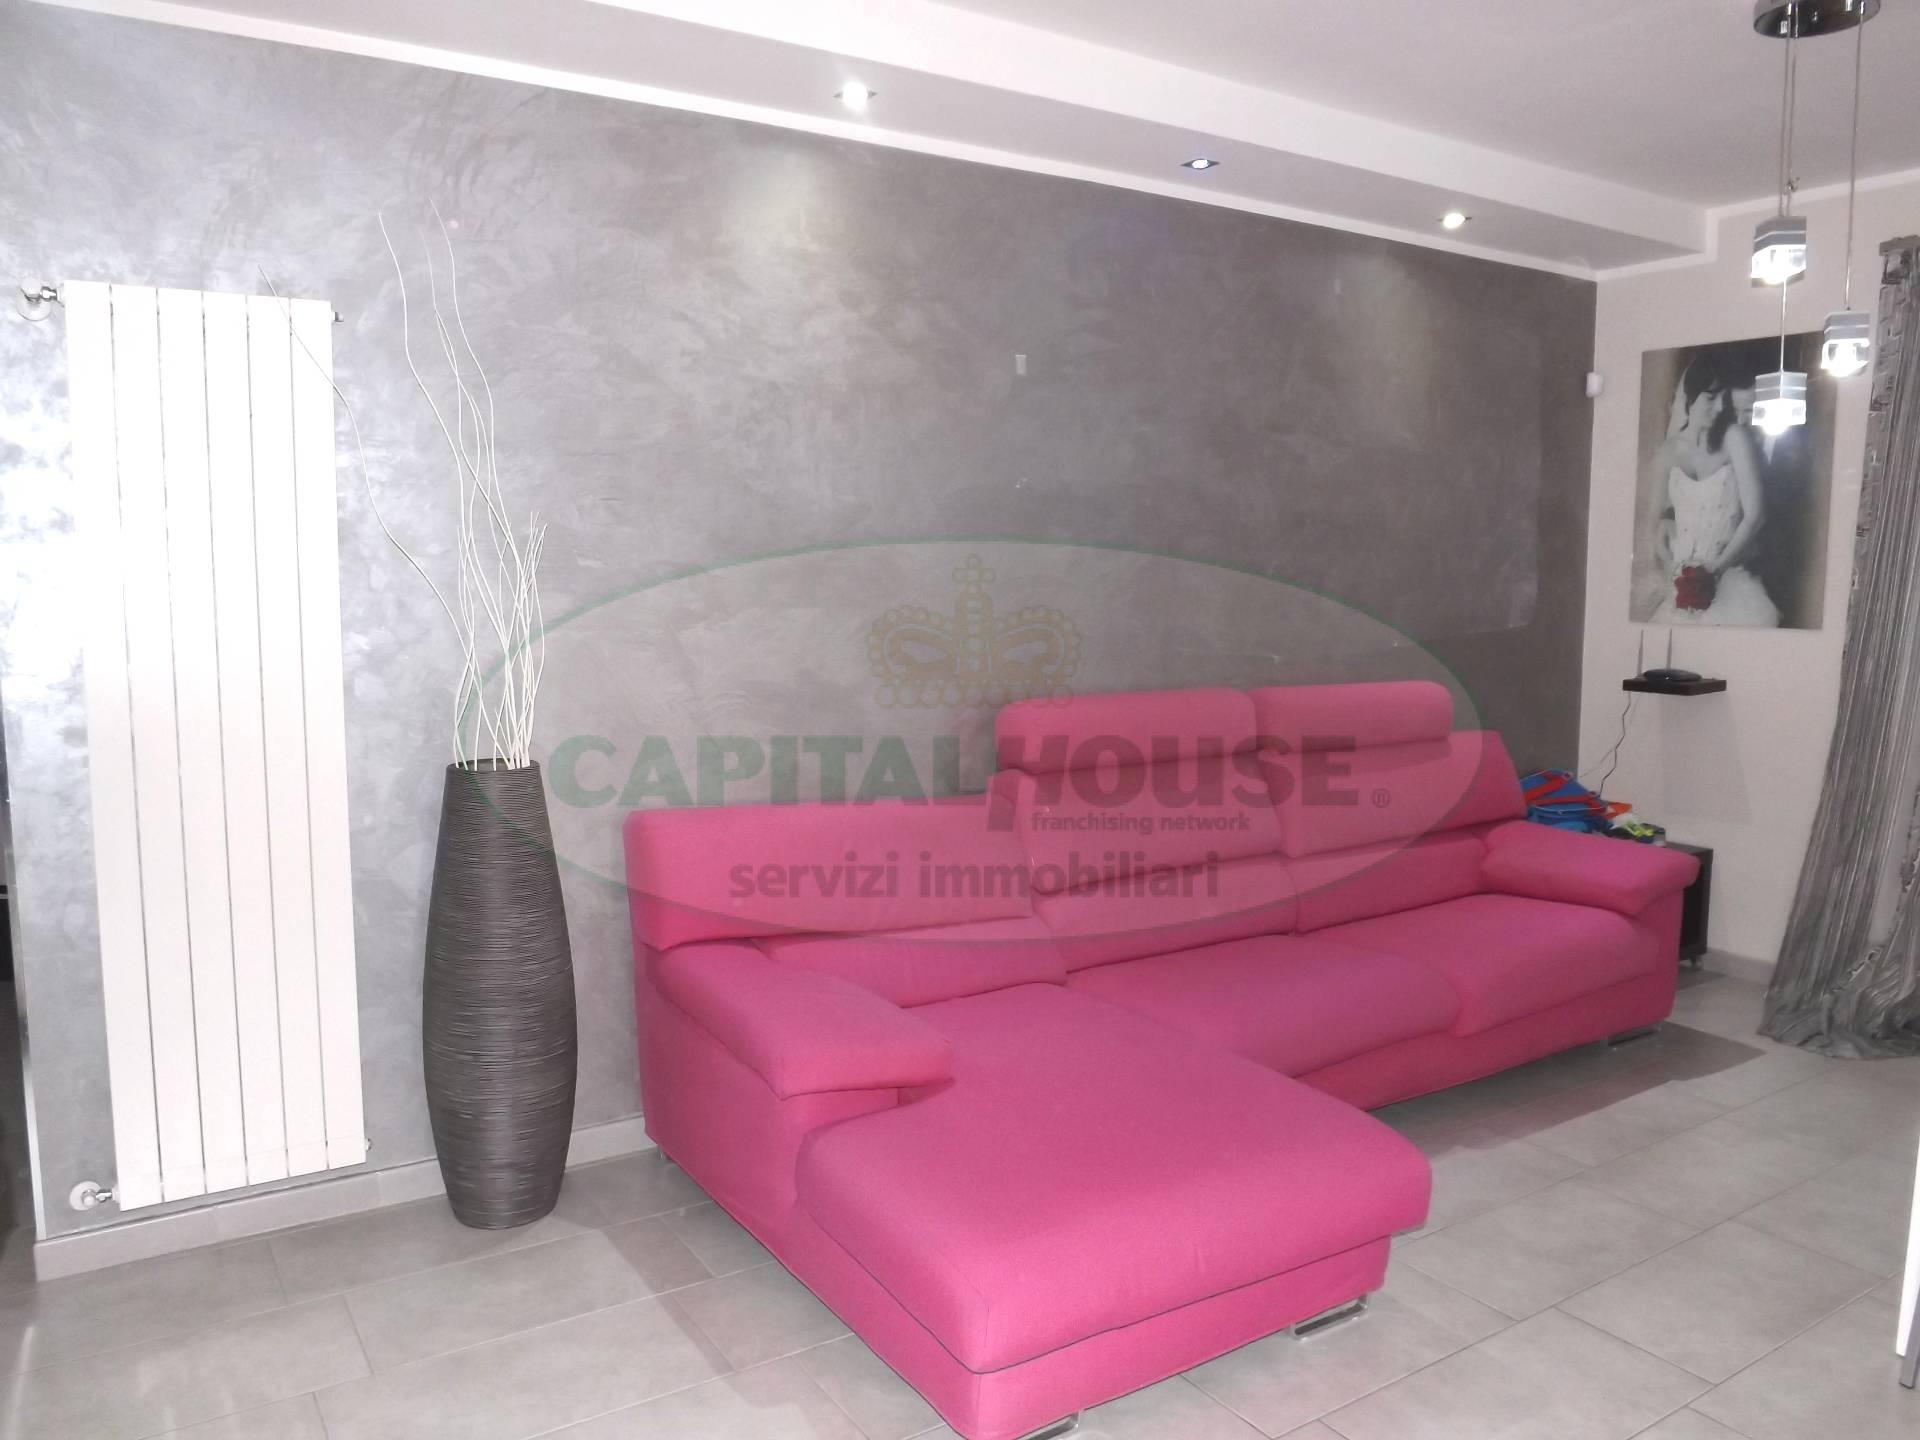 Appartamento in vendita a Prata di Principato Ultra, 3 locali, prezzo € 105.000 | Cambio Casa.it